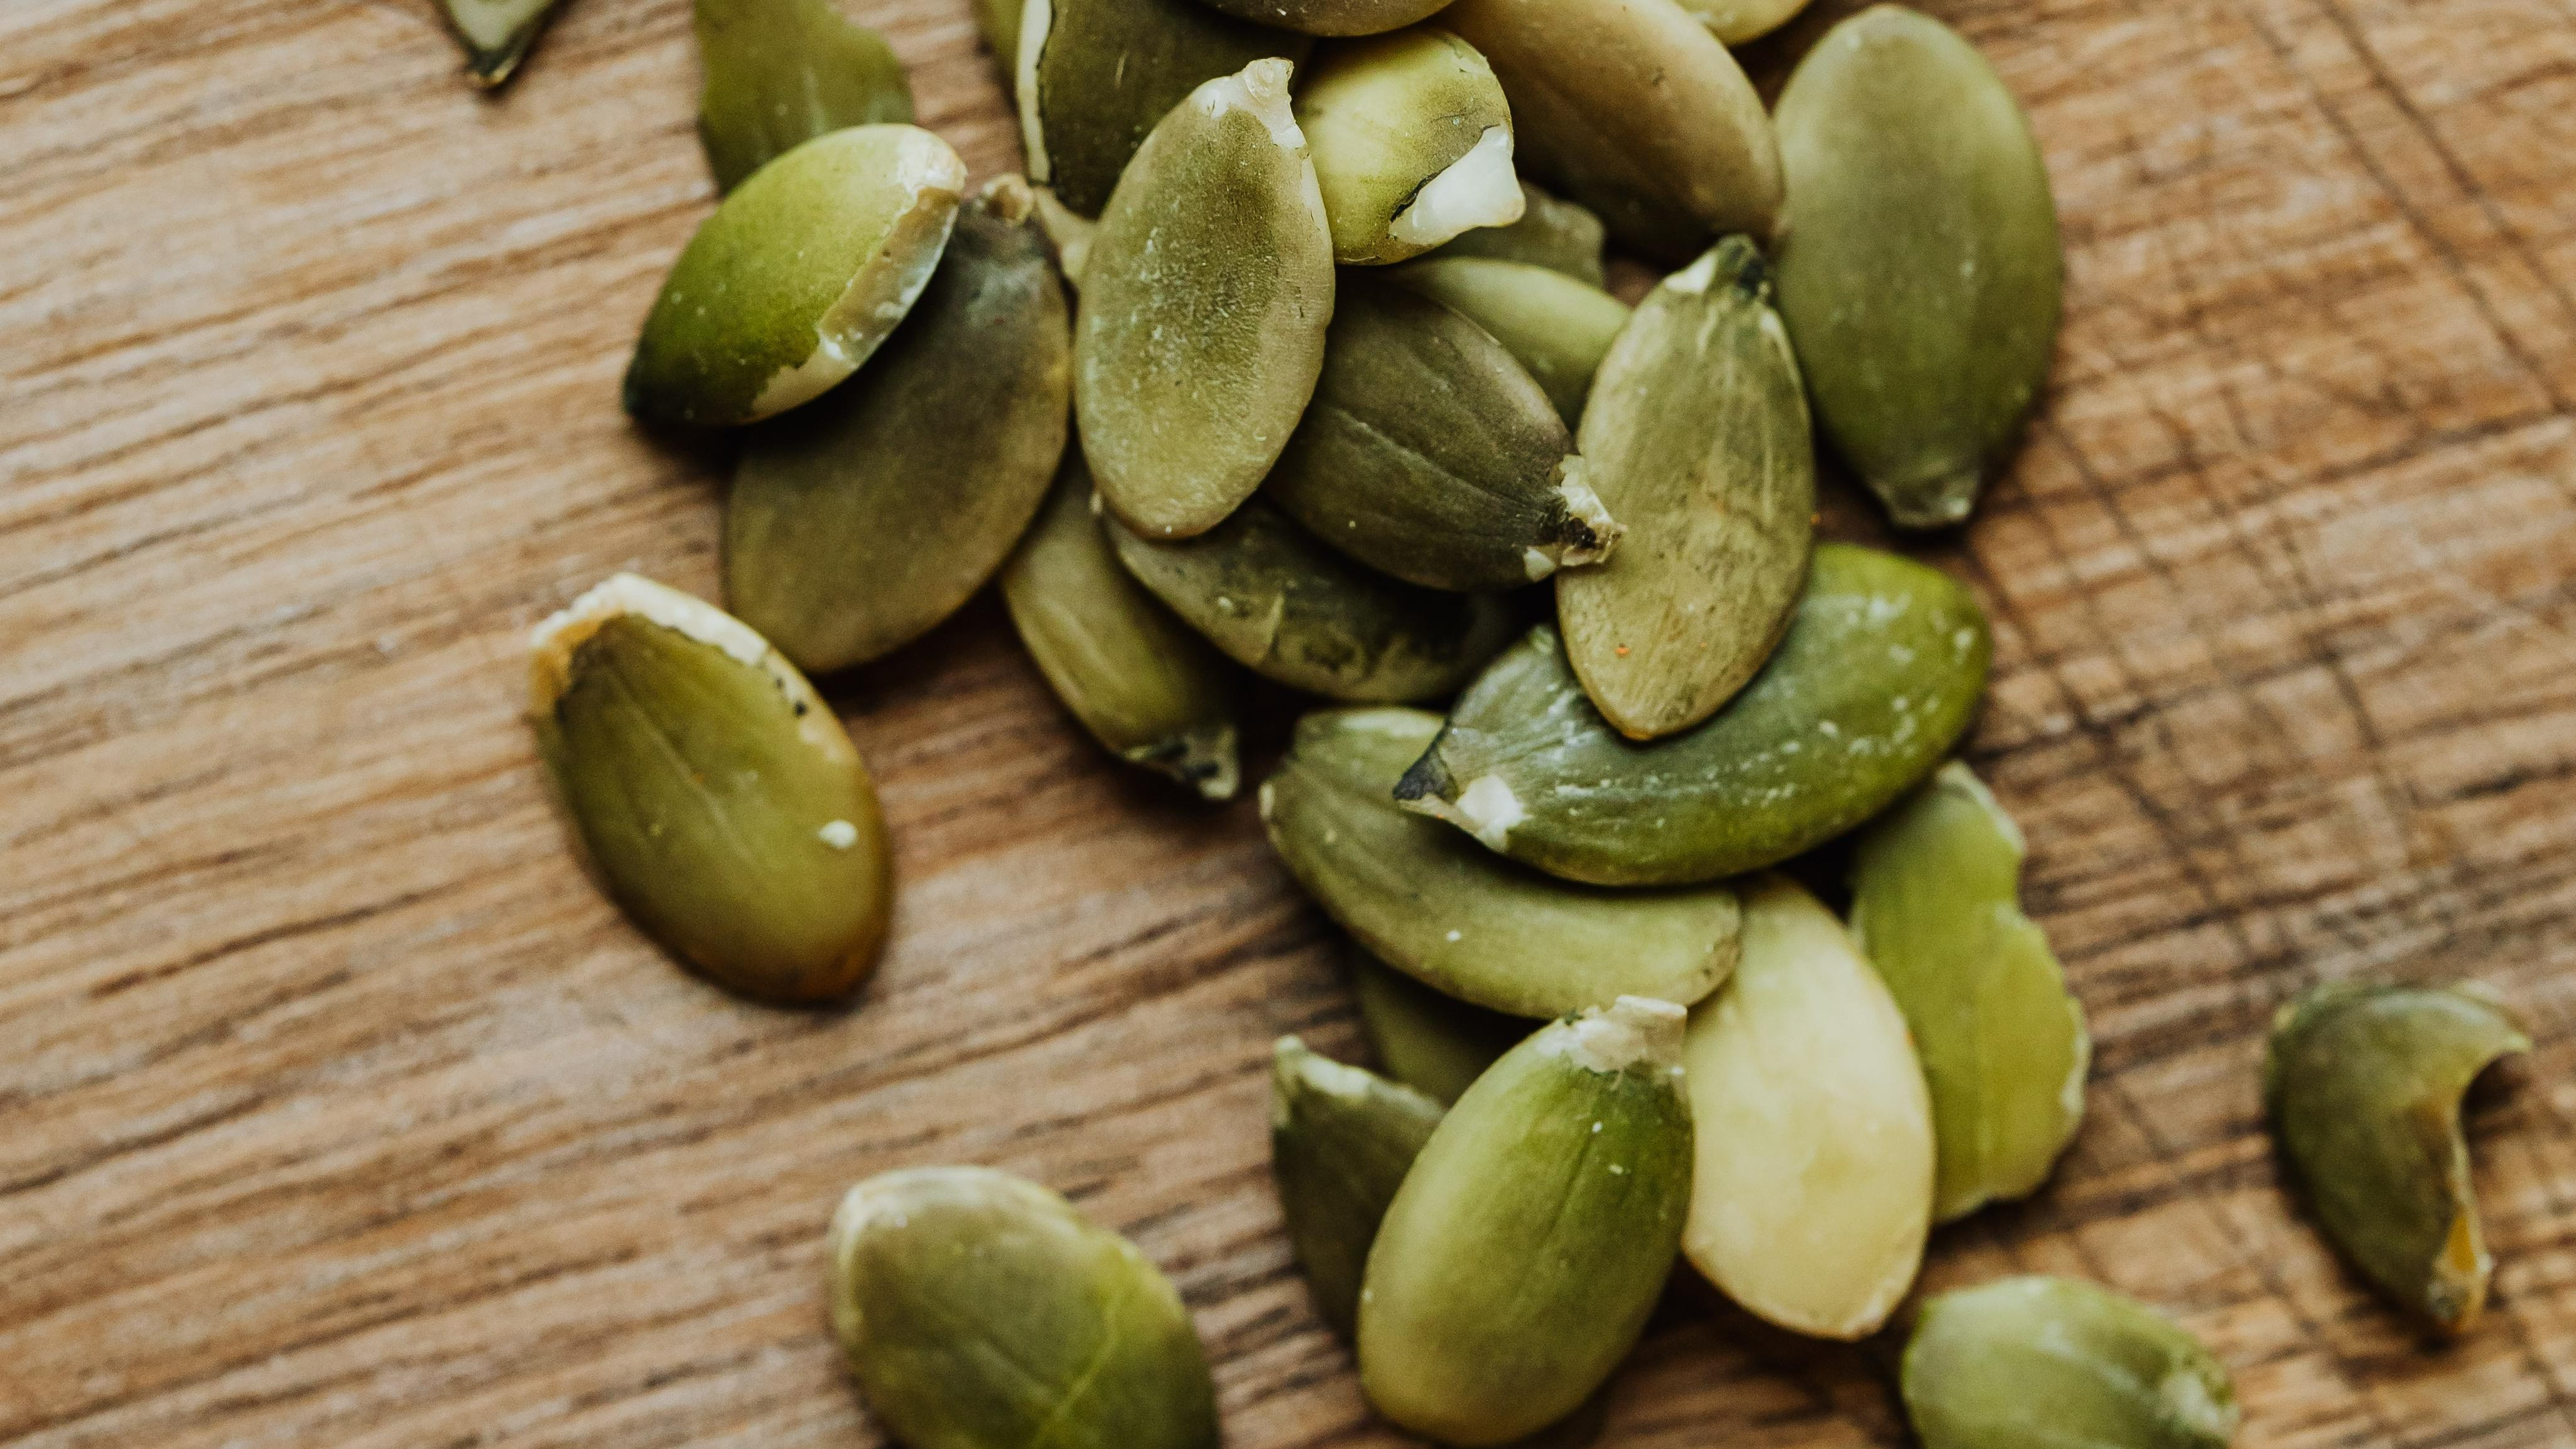 Kürbiskerne sind sehr gesund, weil Sie viele Vitamine und Spurenelemente enthalten, die für unseren Organismus wichtig sind.